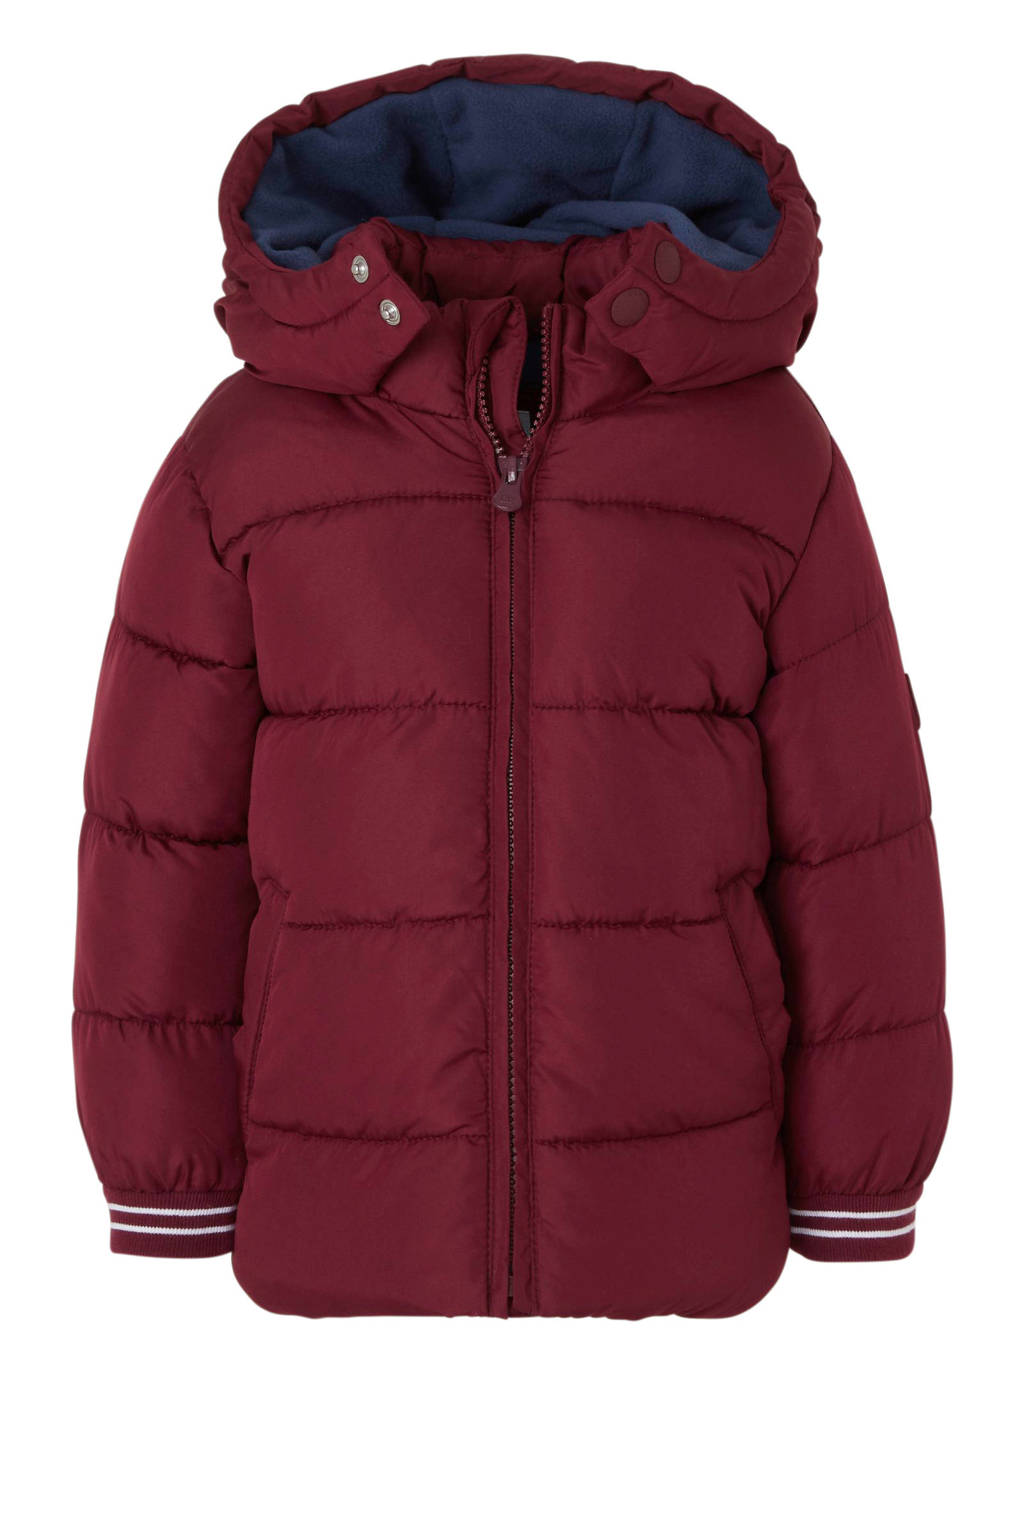 GAP winterjas rood, Rood